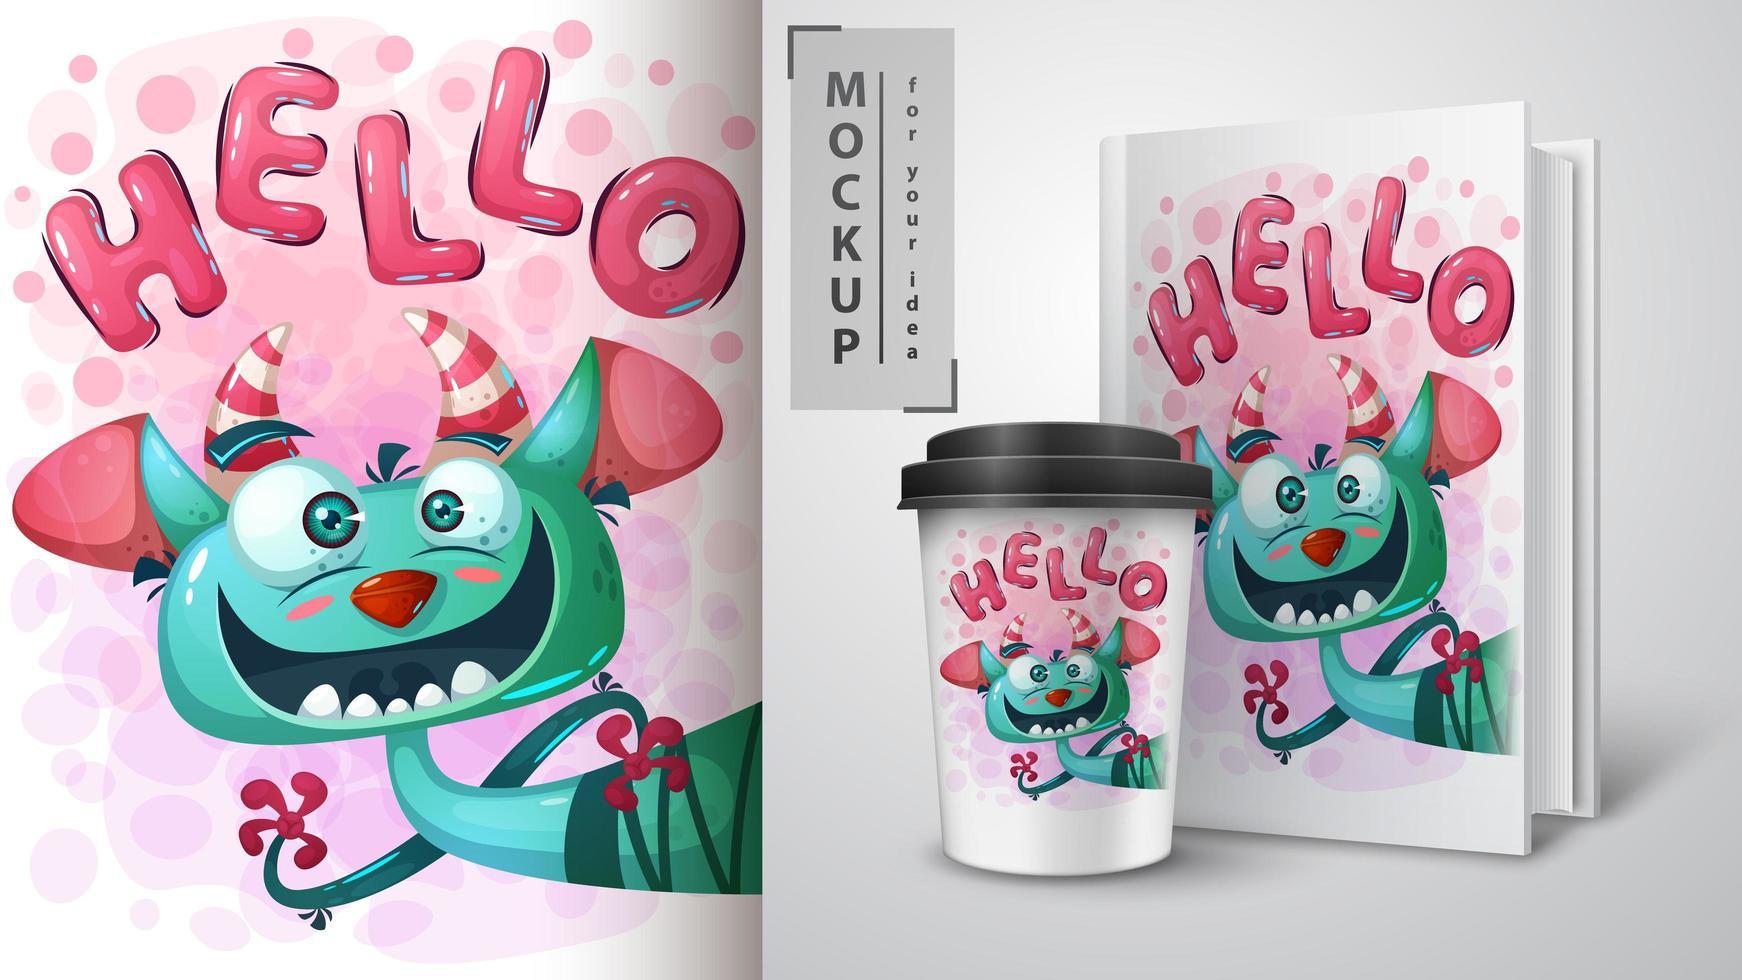 bonjour monster poster vecteur